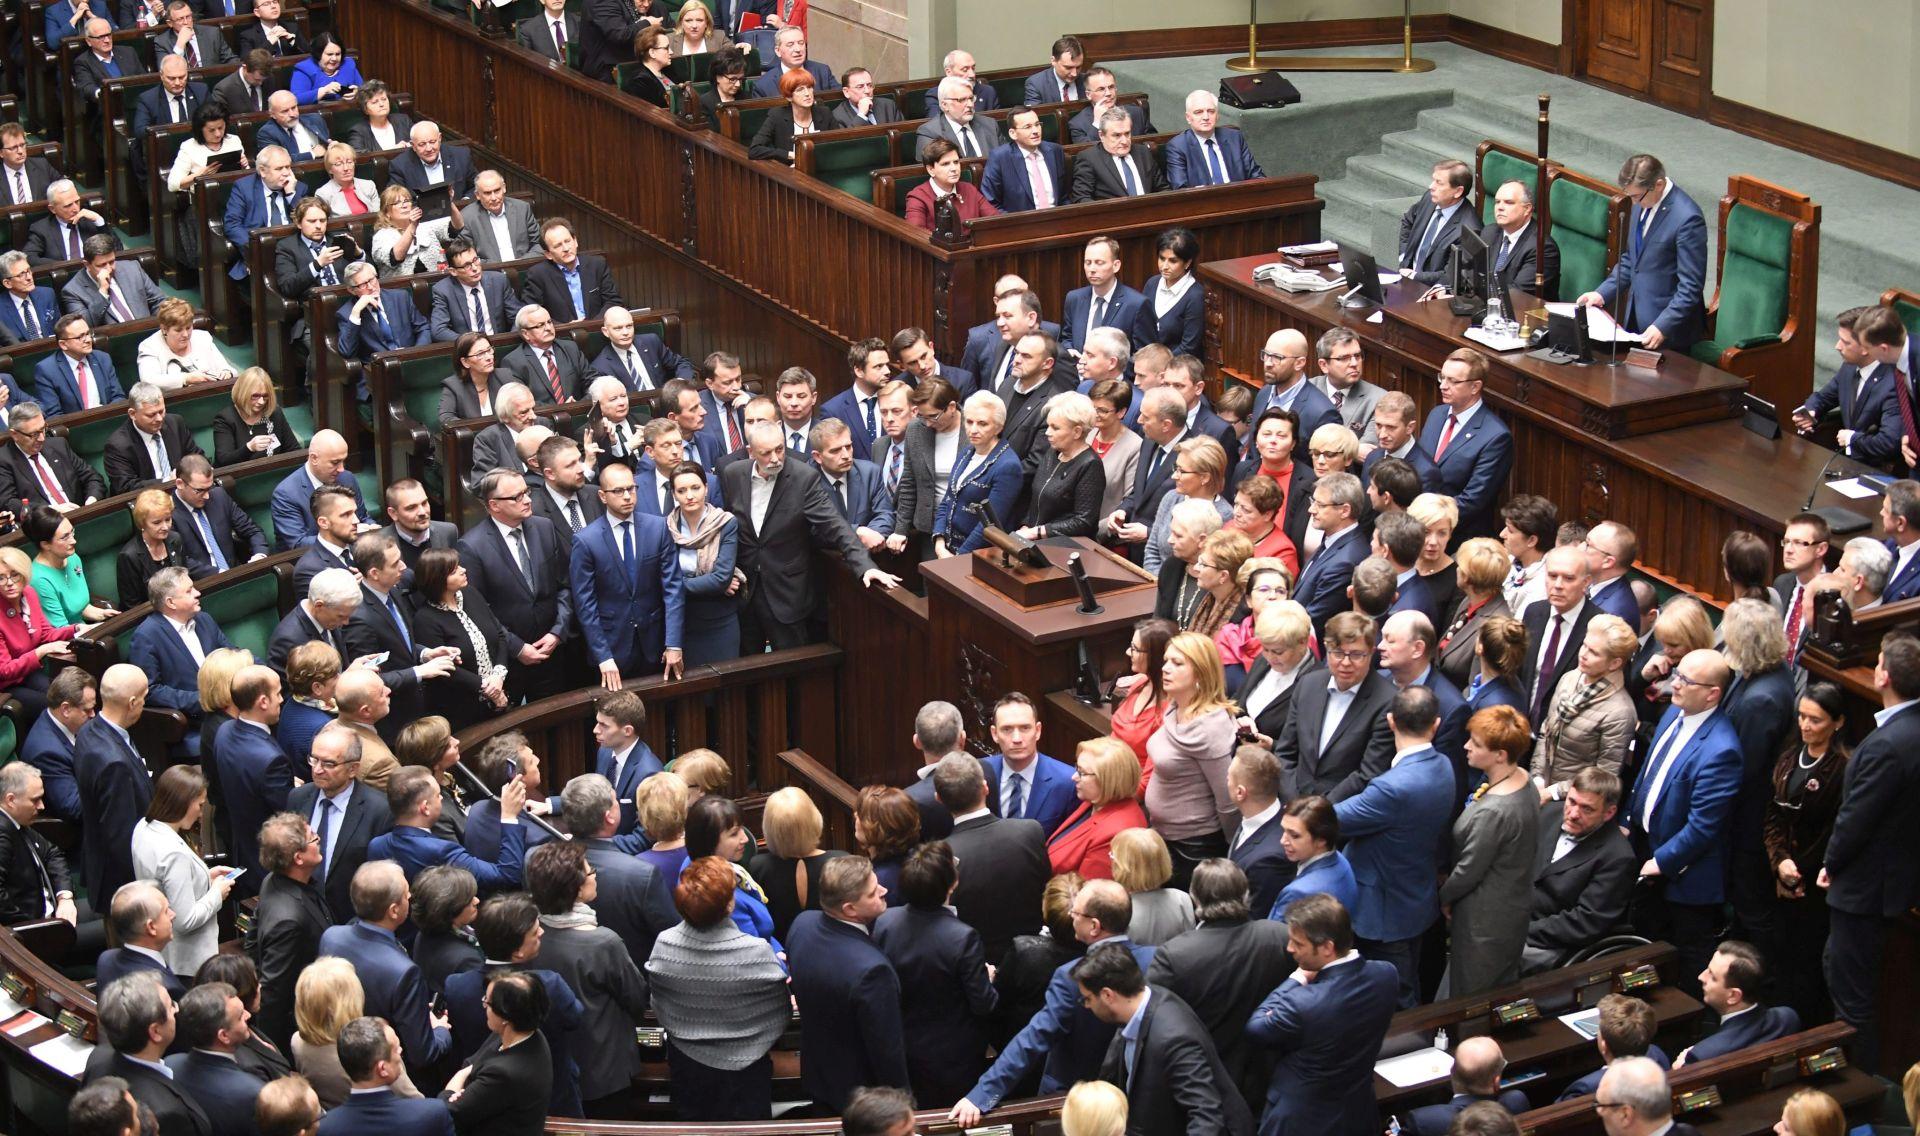 Nastavlja se politička kriza u Poljskoj, parlament još paraliziran